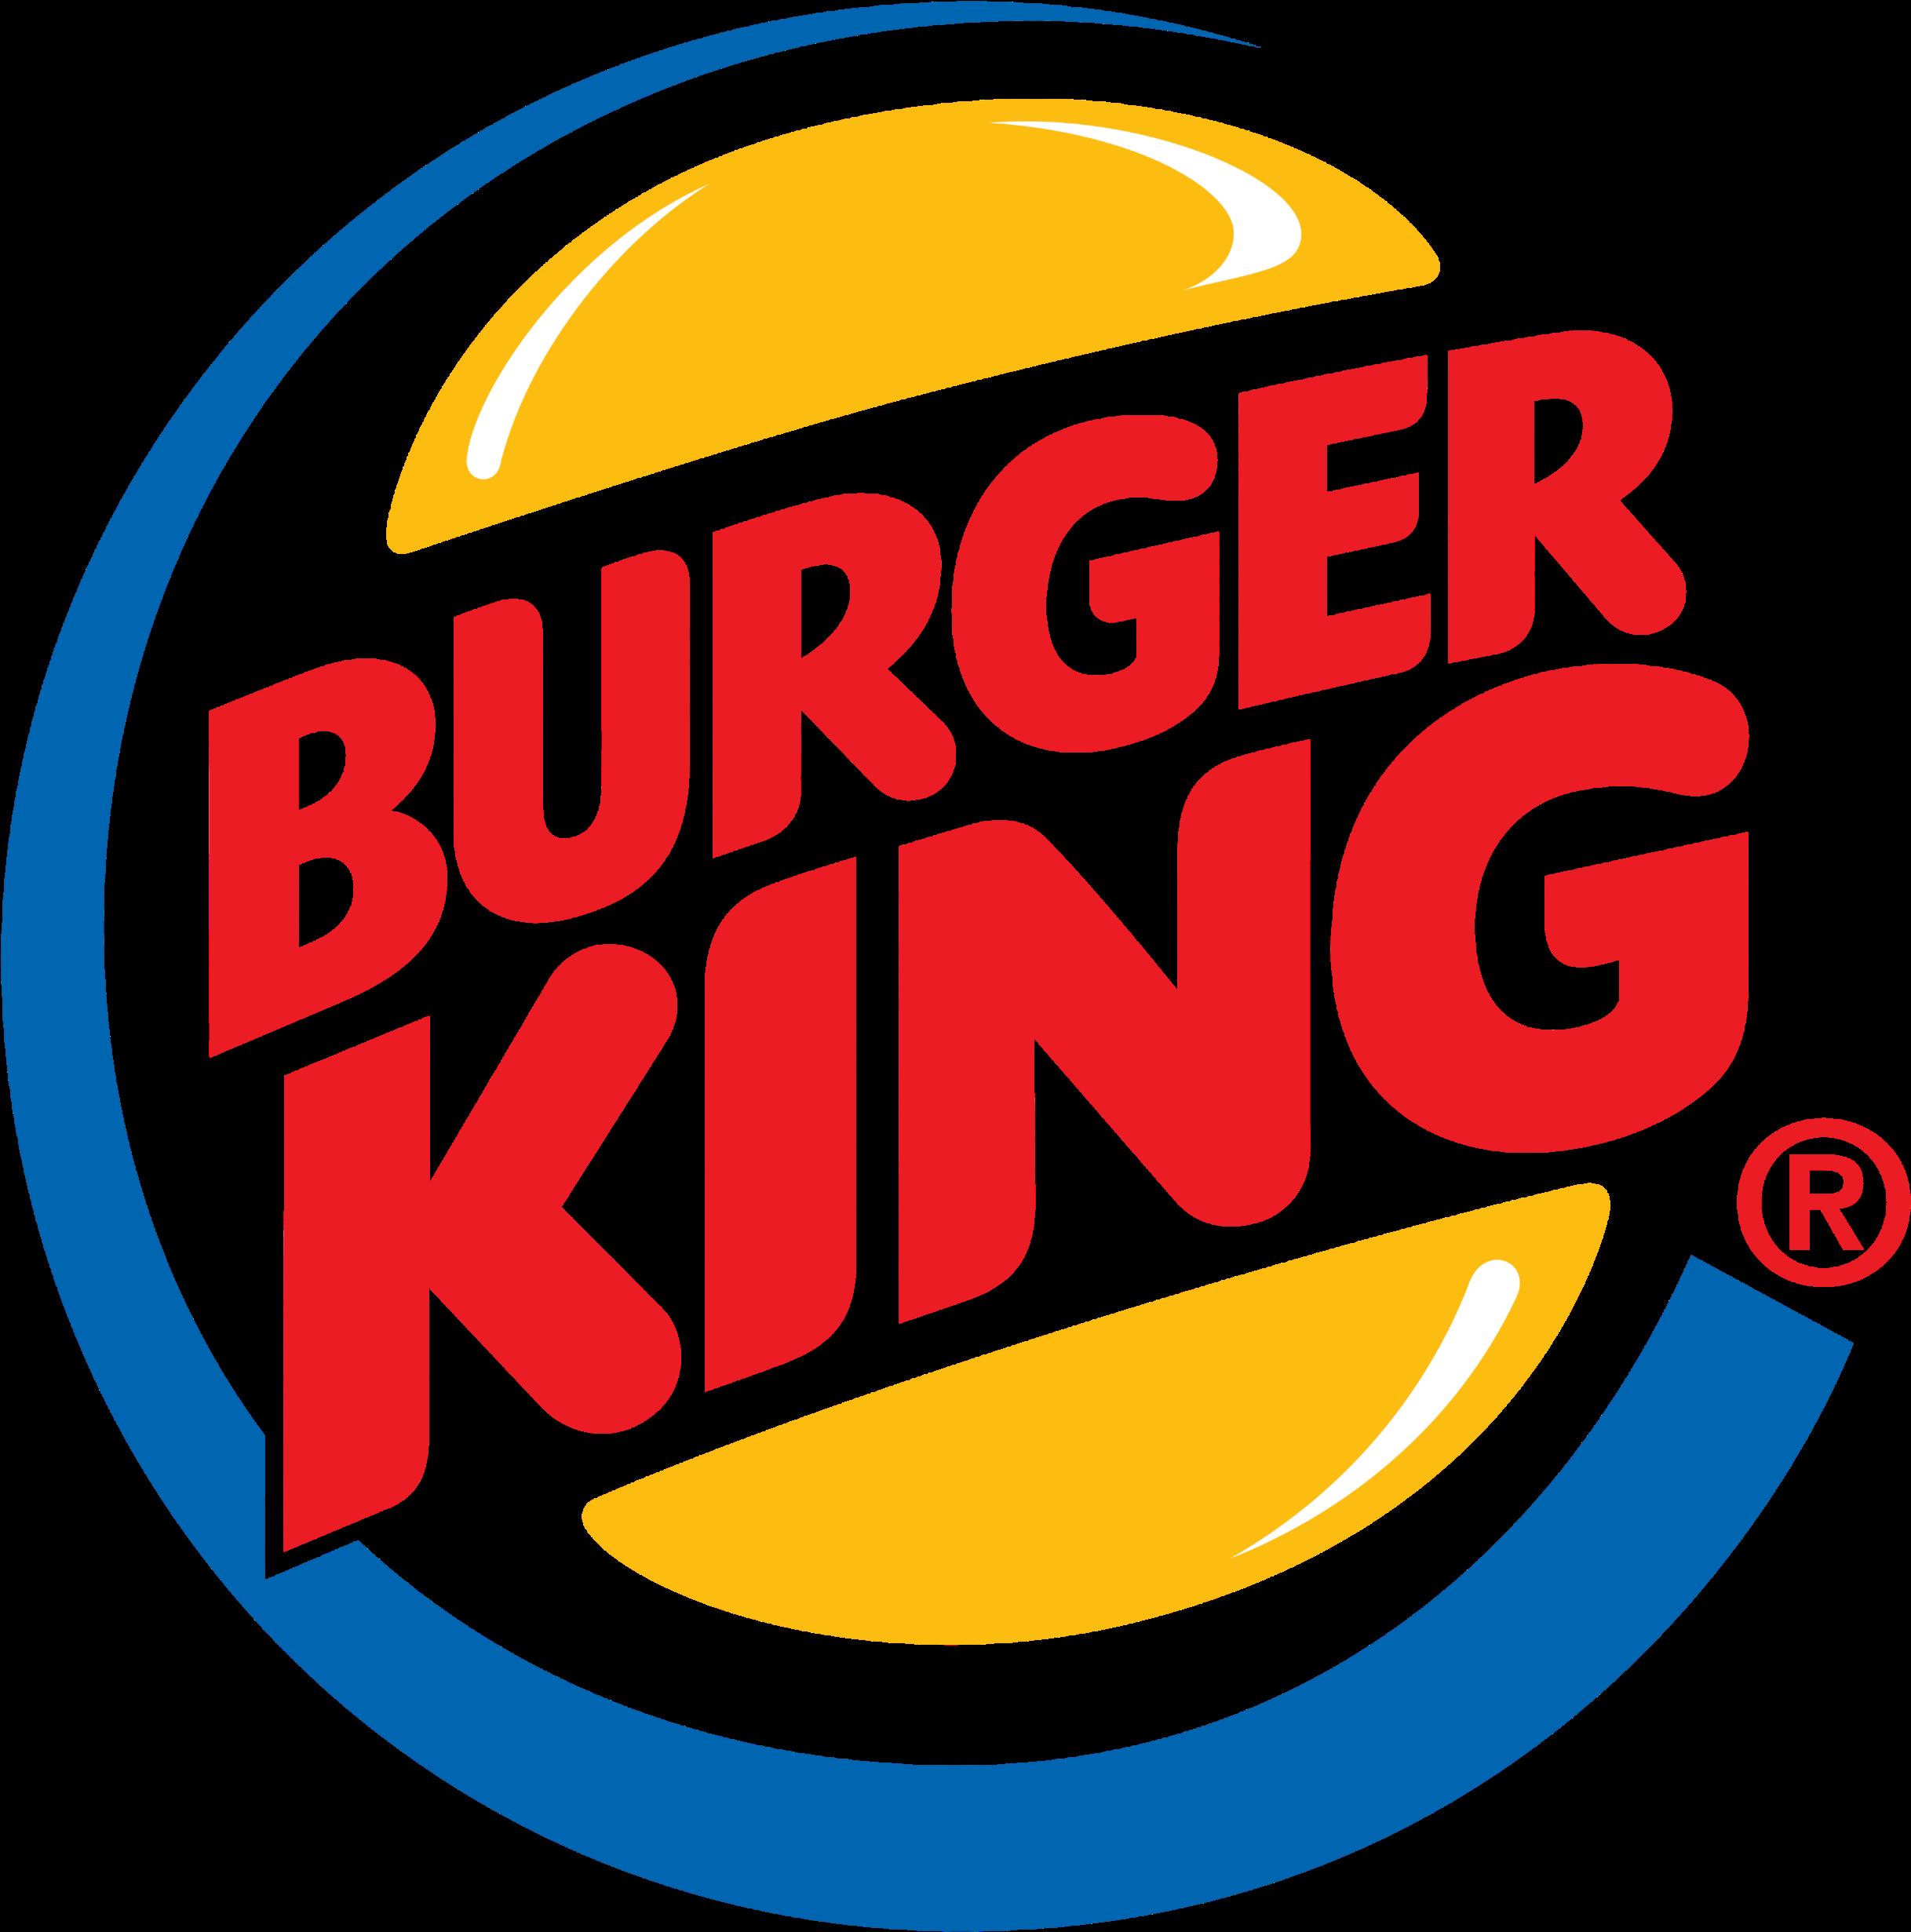 Download Burger King Logos Download Chennai Super Kings ...